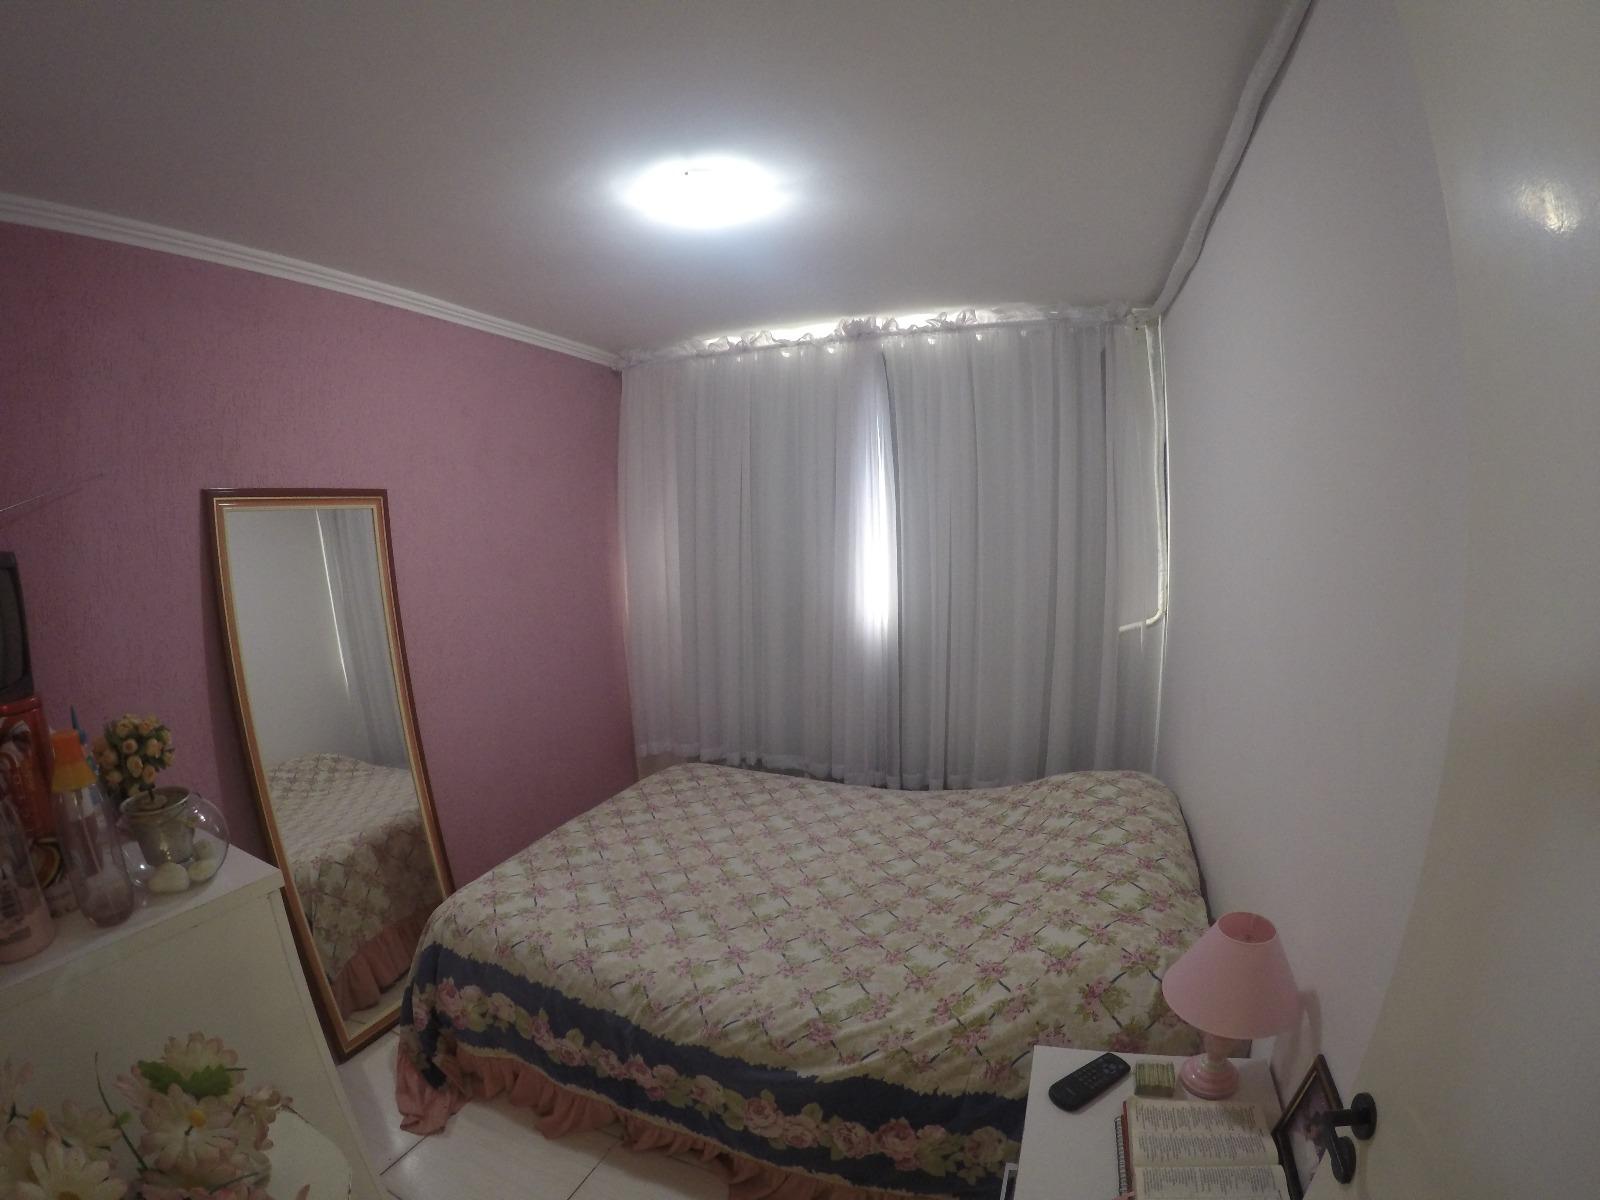 Residencial Flamboyant - Apto 2 Dorm, Mato Grande, Canoas (BD3126) - Foto 8